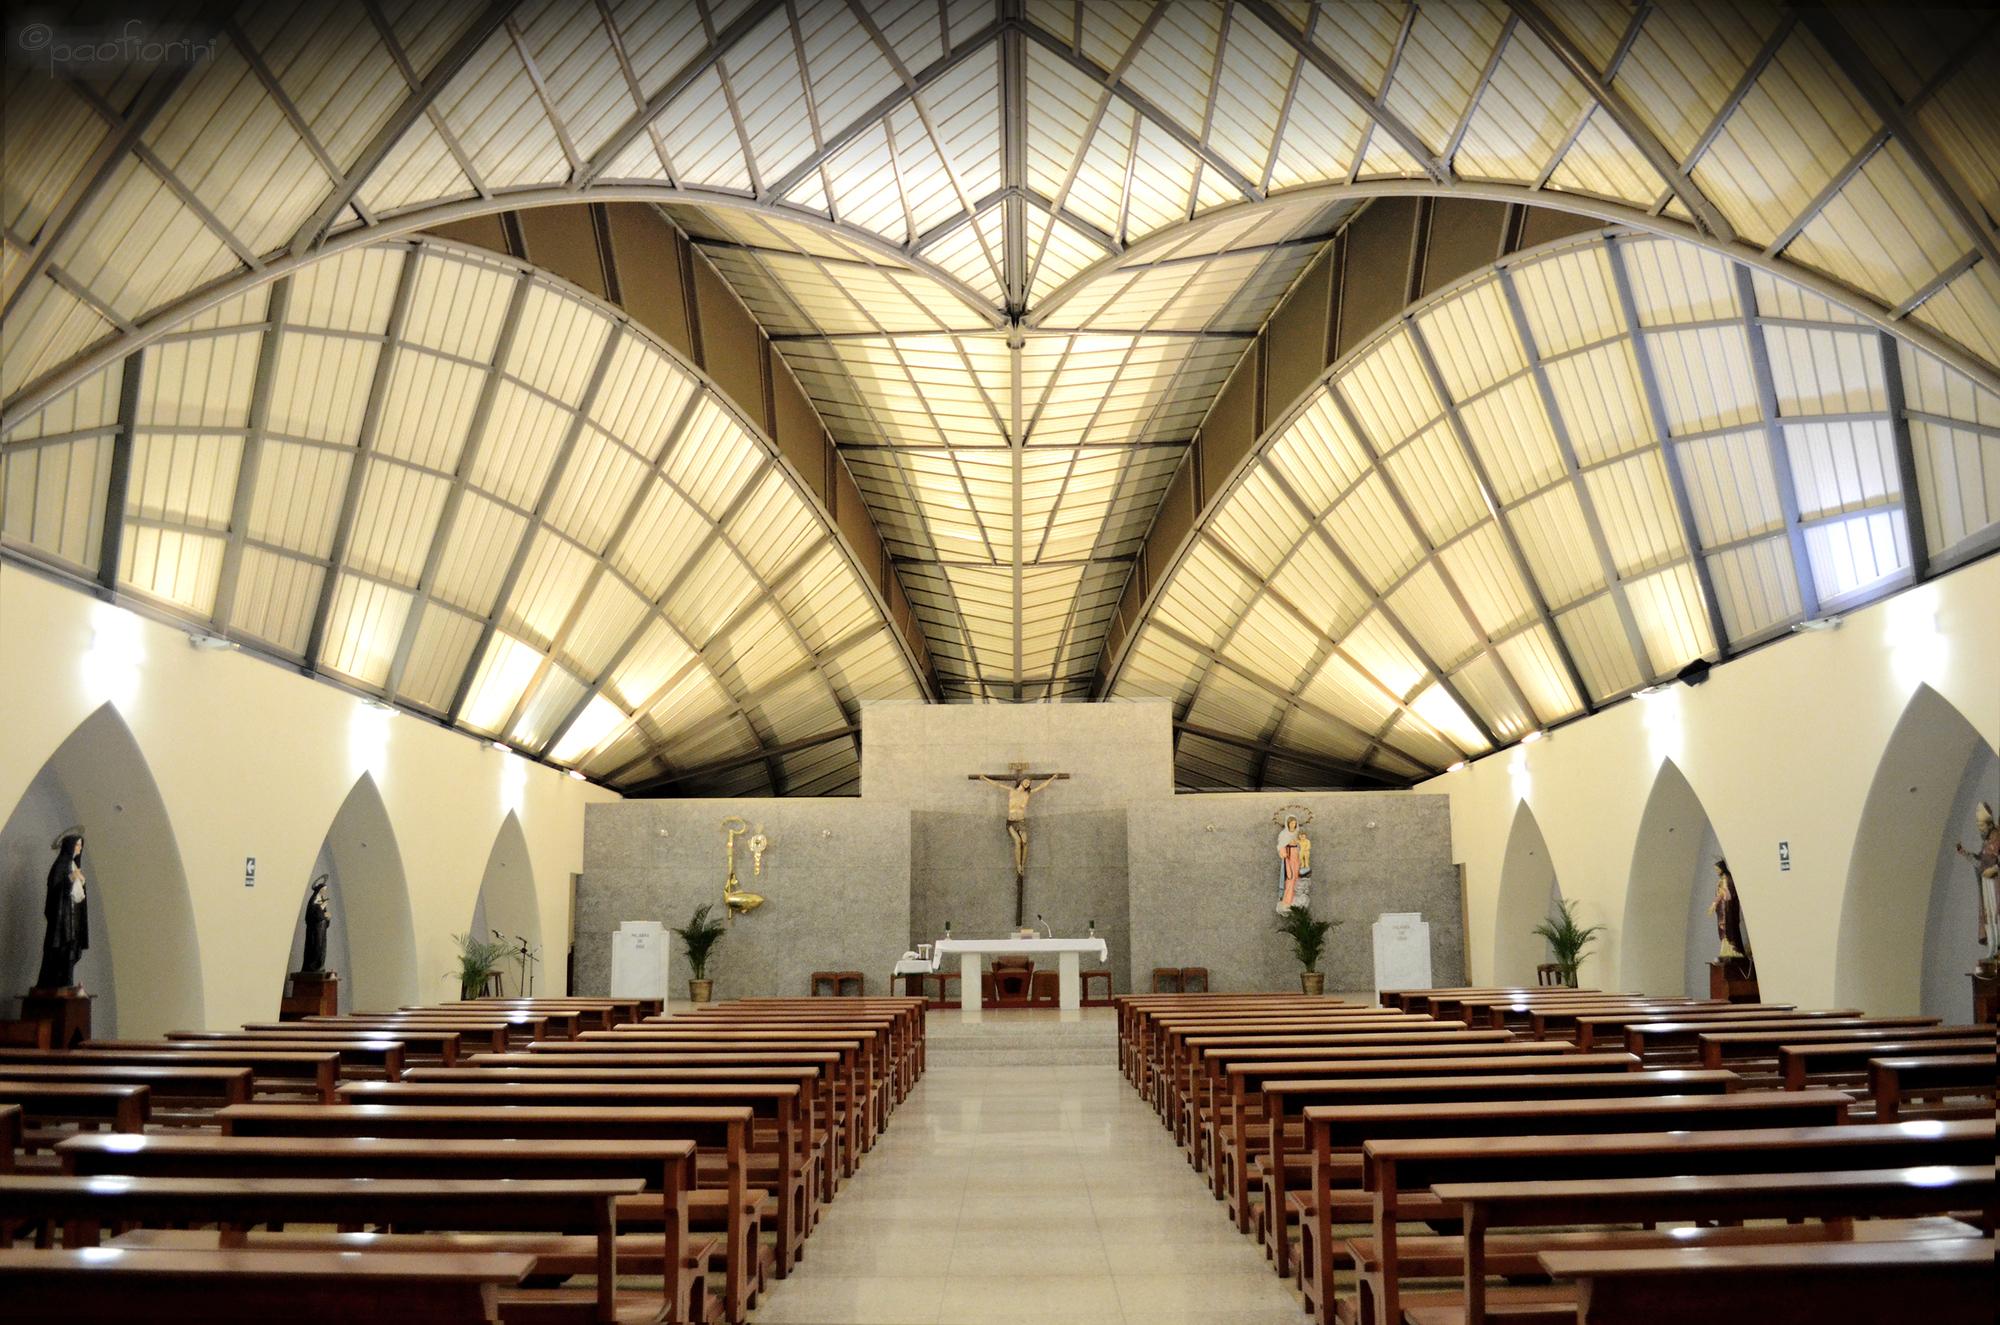 U0027Nuestra Señora De La Consolaciónu0027 Church / Allan Cornejo Arquitecto. U0027